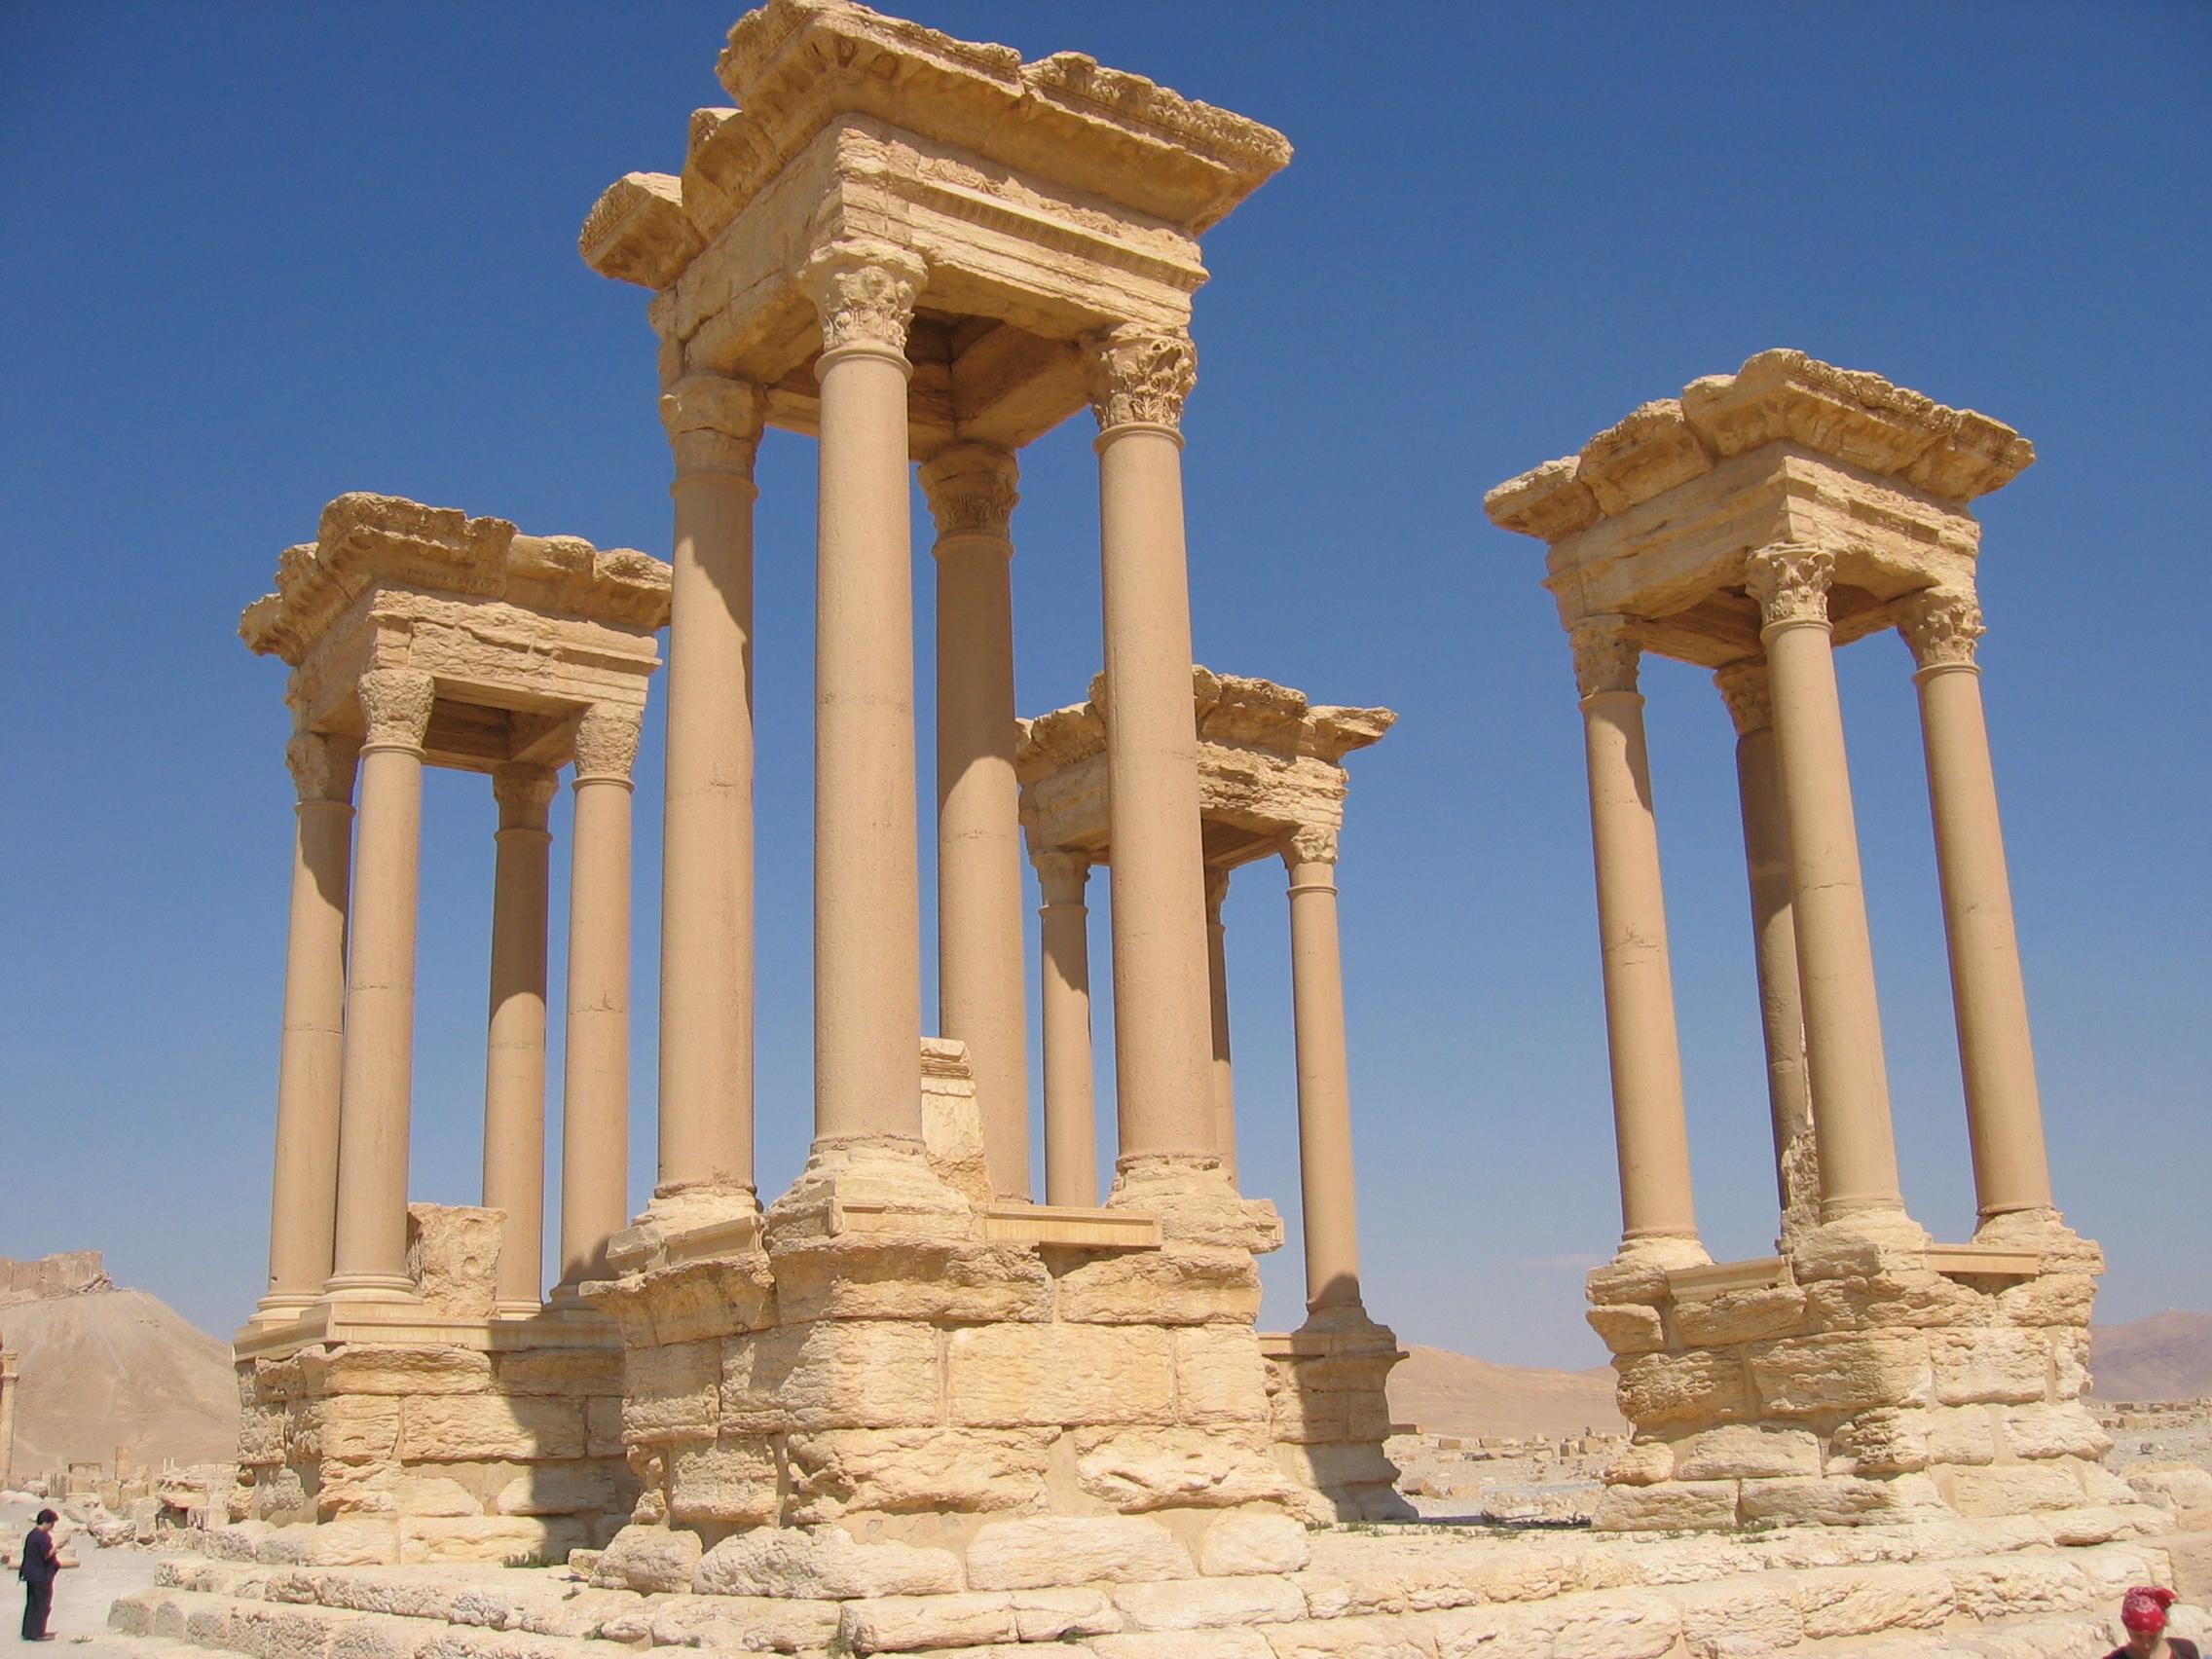 https://i2.wp.com/upload.wikimedia.org/wikipedia/commons/f/f9/Tetrapylon_in_the_Great_Collonade_Street_Palmyra_Syria.JPG